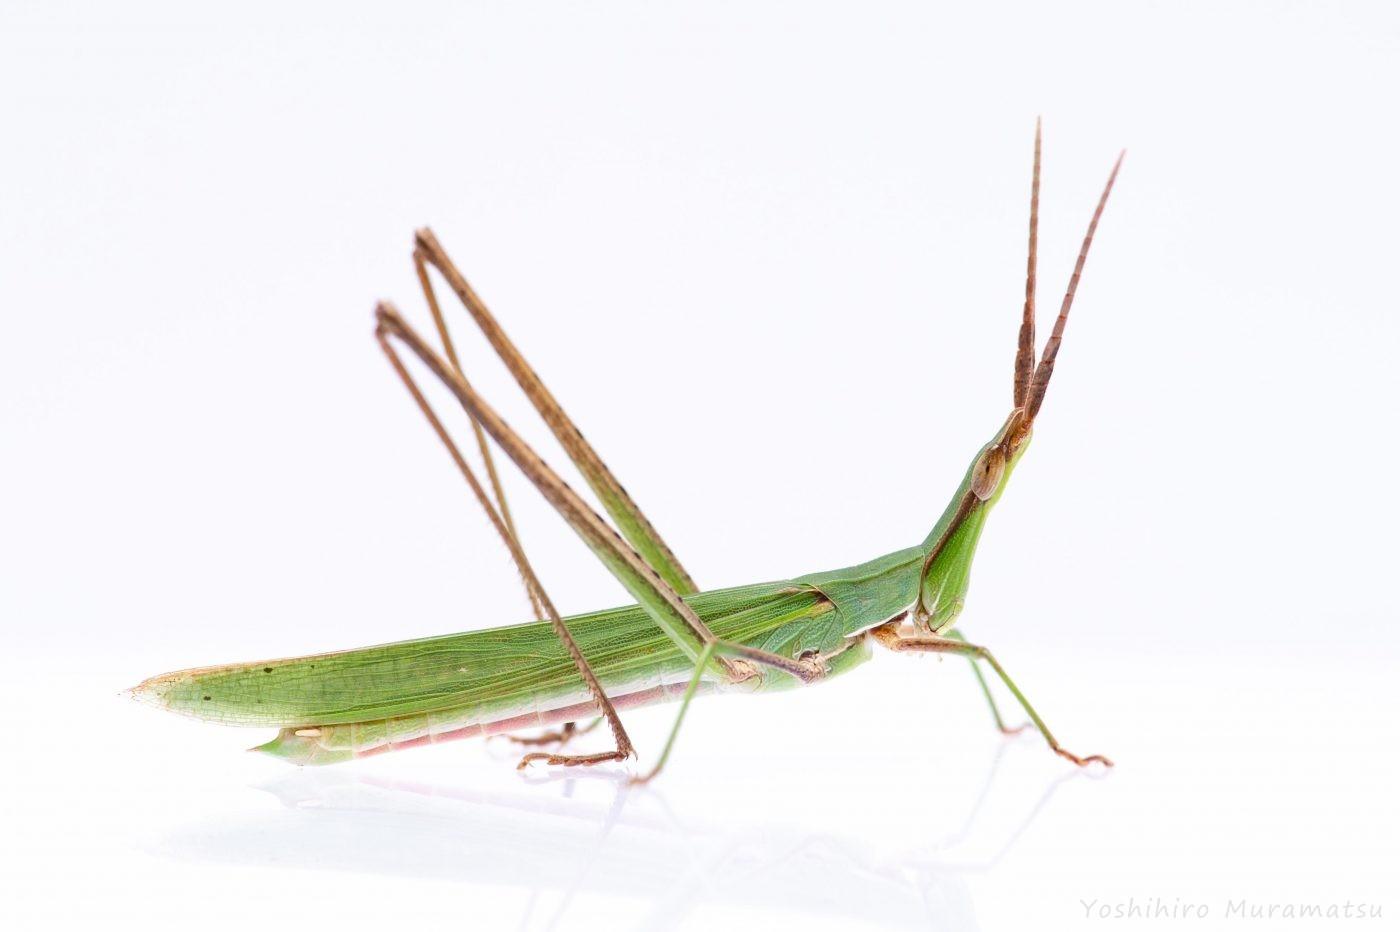 ショウリョウバッタ緑色型オス♂の写真